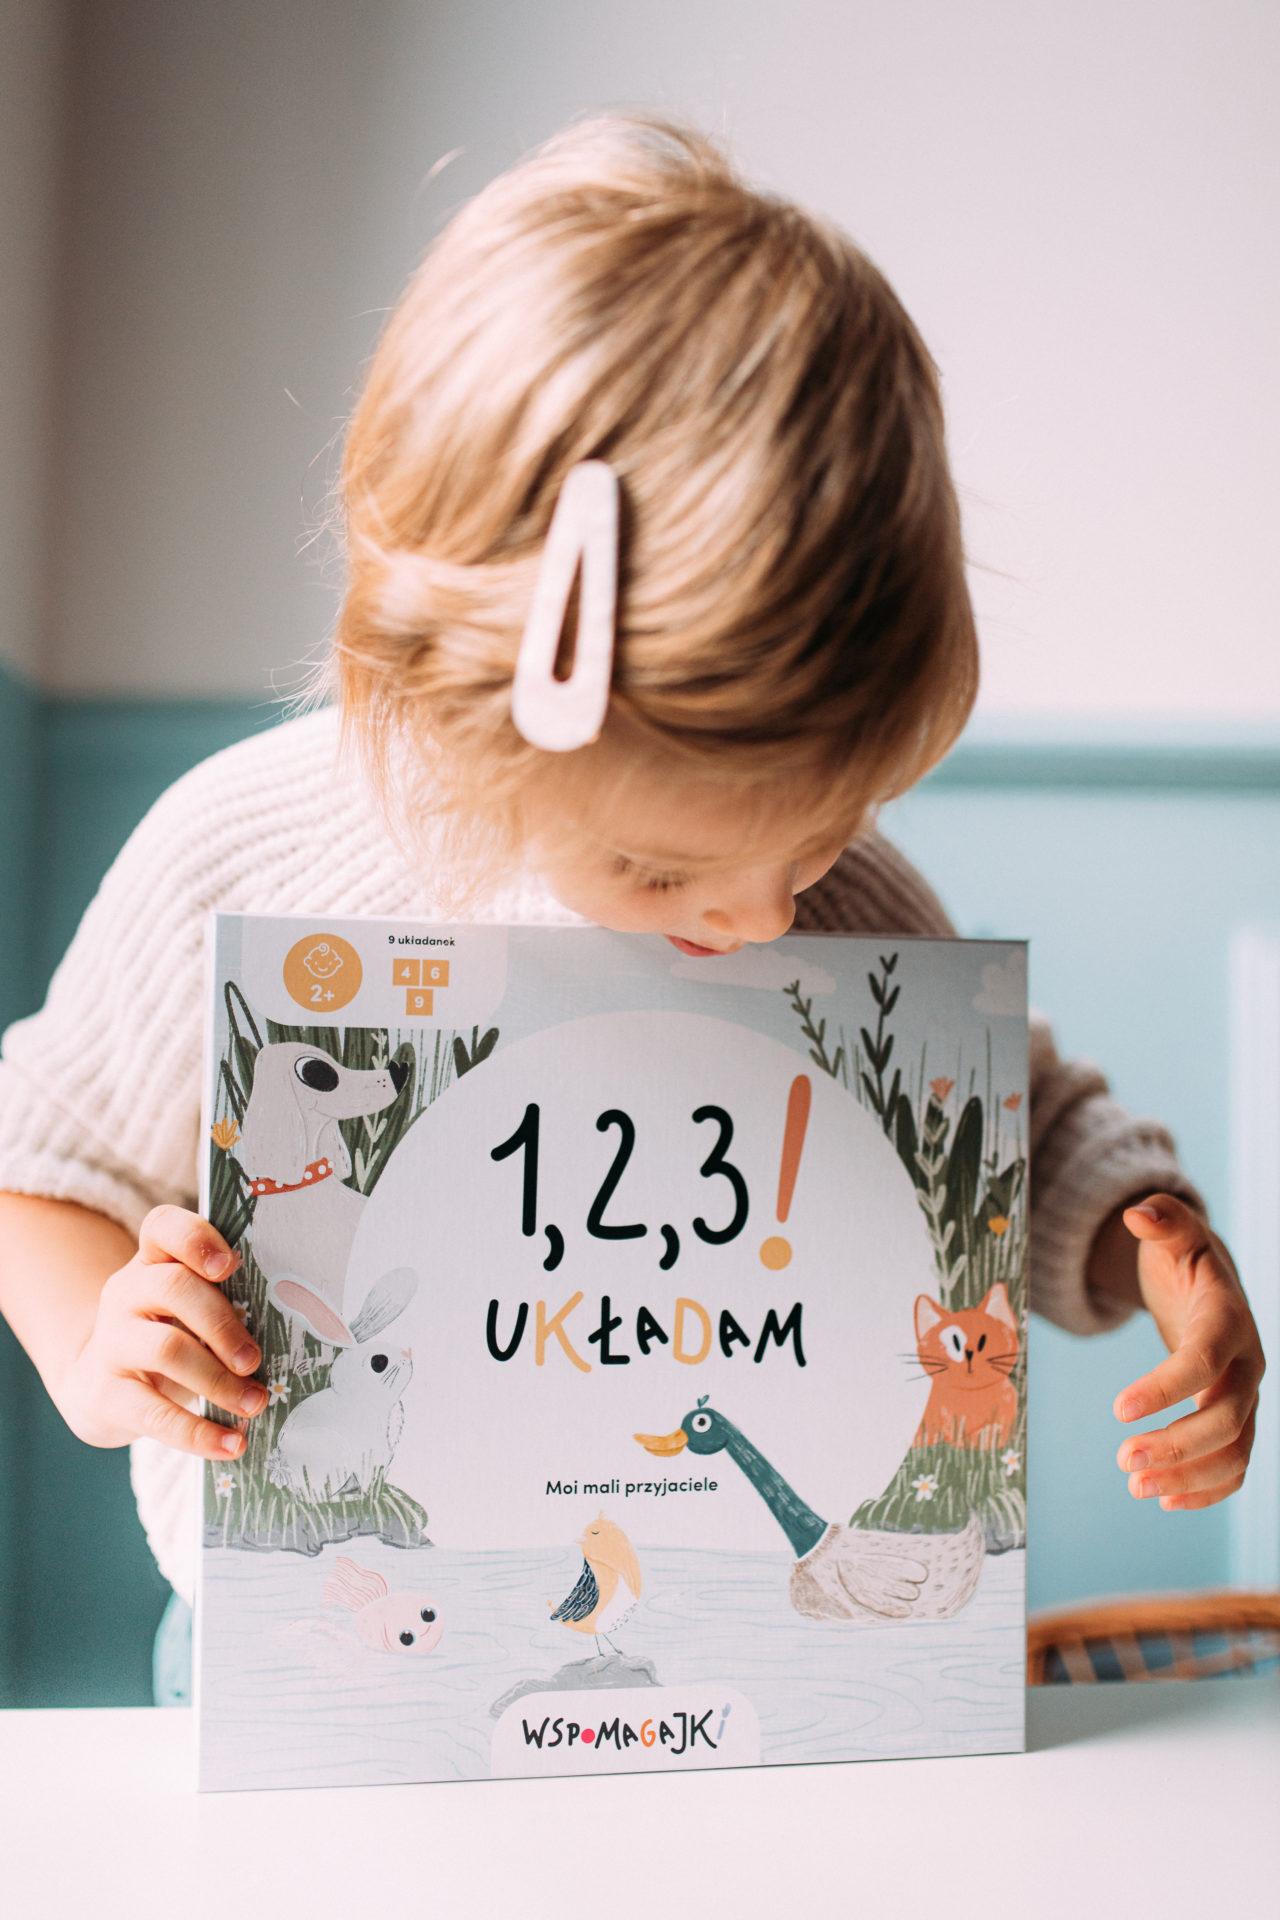 Dziewczynka trzyma układankę Wspomagajki